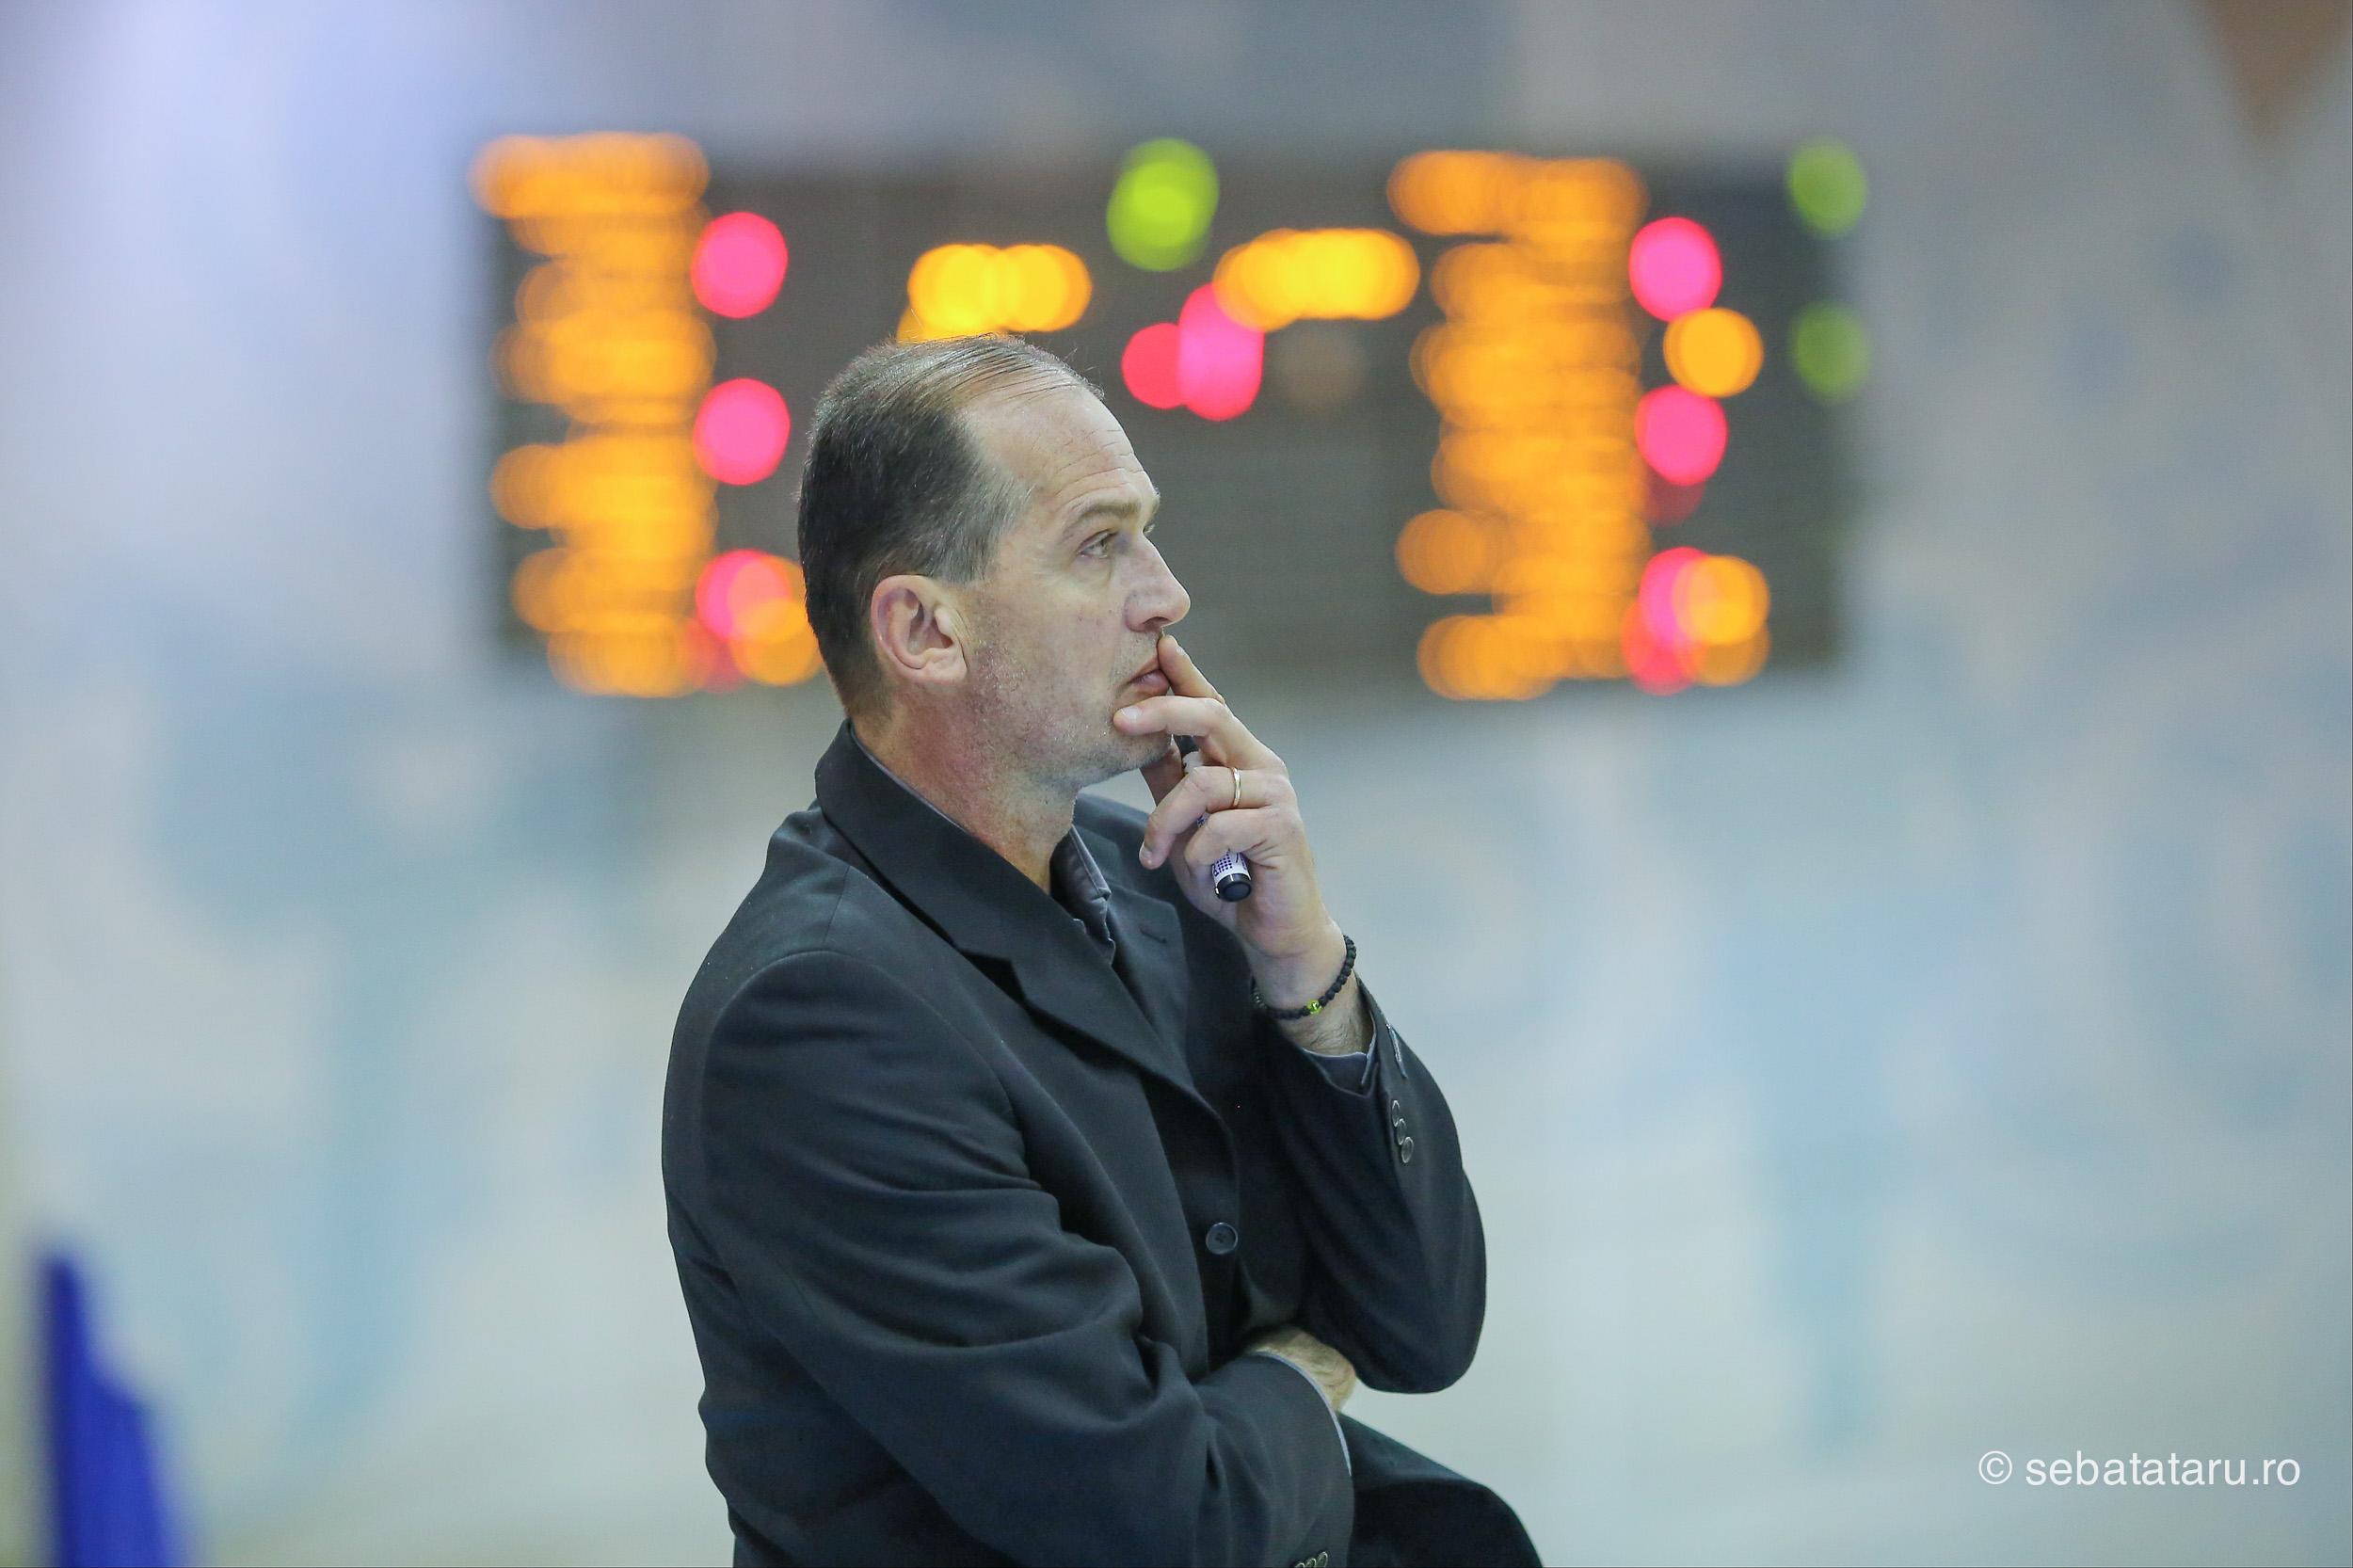 Meciul de baschet dintre SCM BC Timisoara si Steaua Bucuresti, contand pentru etapa a 15-a, Sala Constantin Jude, sambata 17 decembrie 2016. SEBASTIAN TATARU